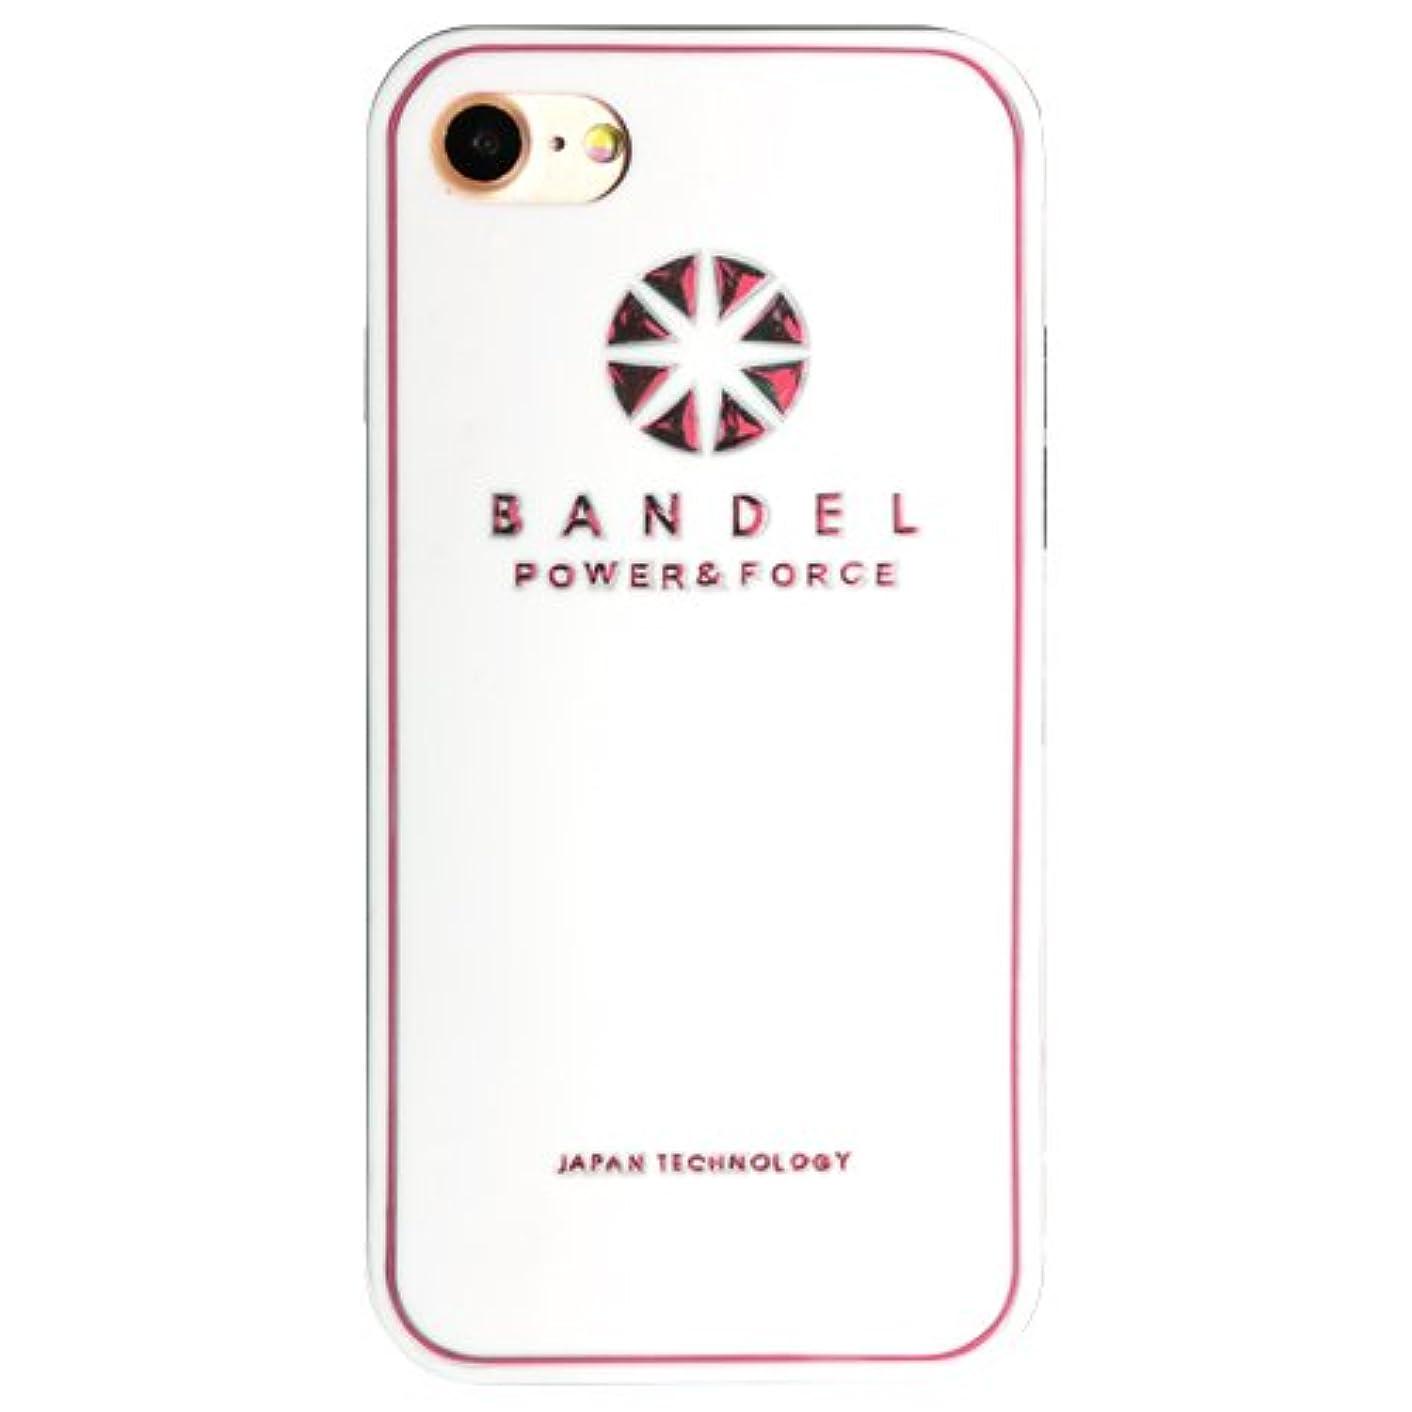 悪意コンテンツ気質バンデル(BANDEL) ロゴ iPhone 8 Plus専用 シリコンケース [ホワイト×ピンク]